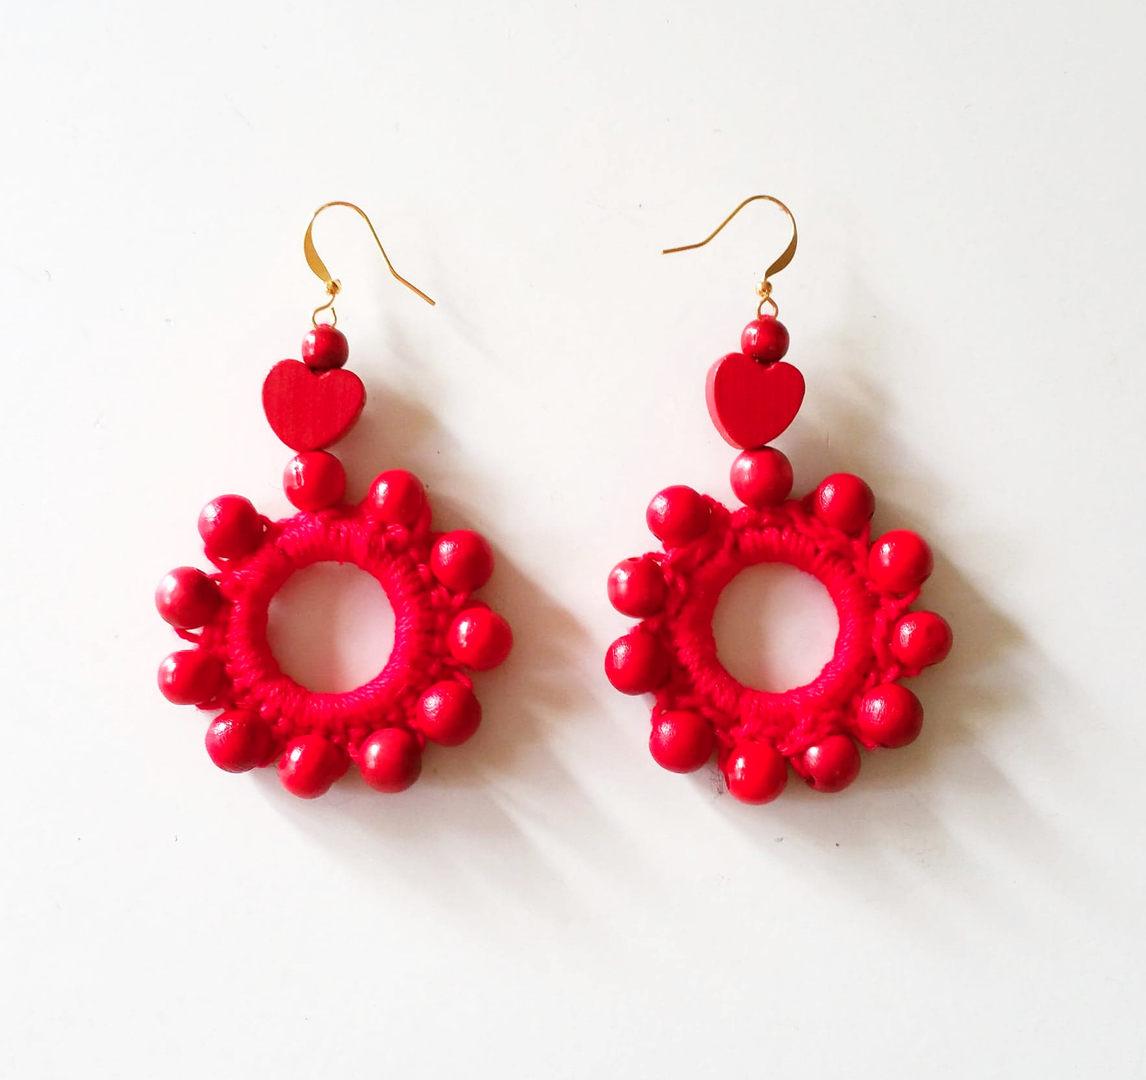 Sunheart earrings